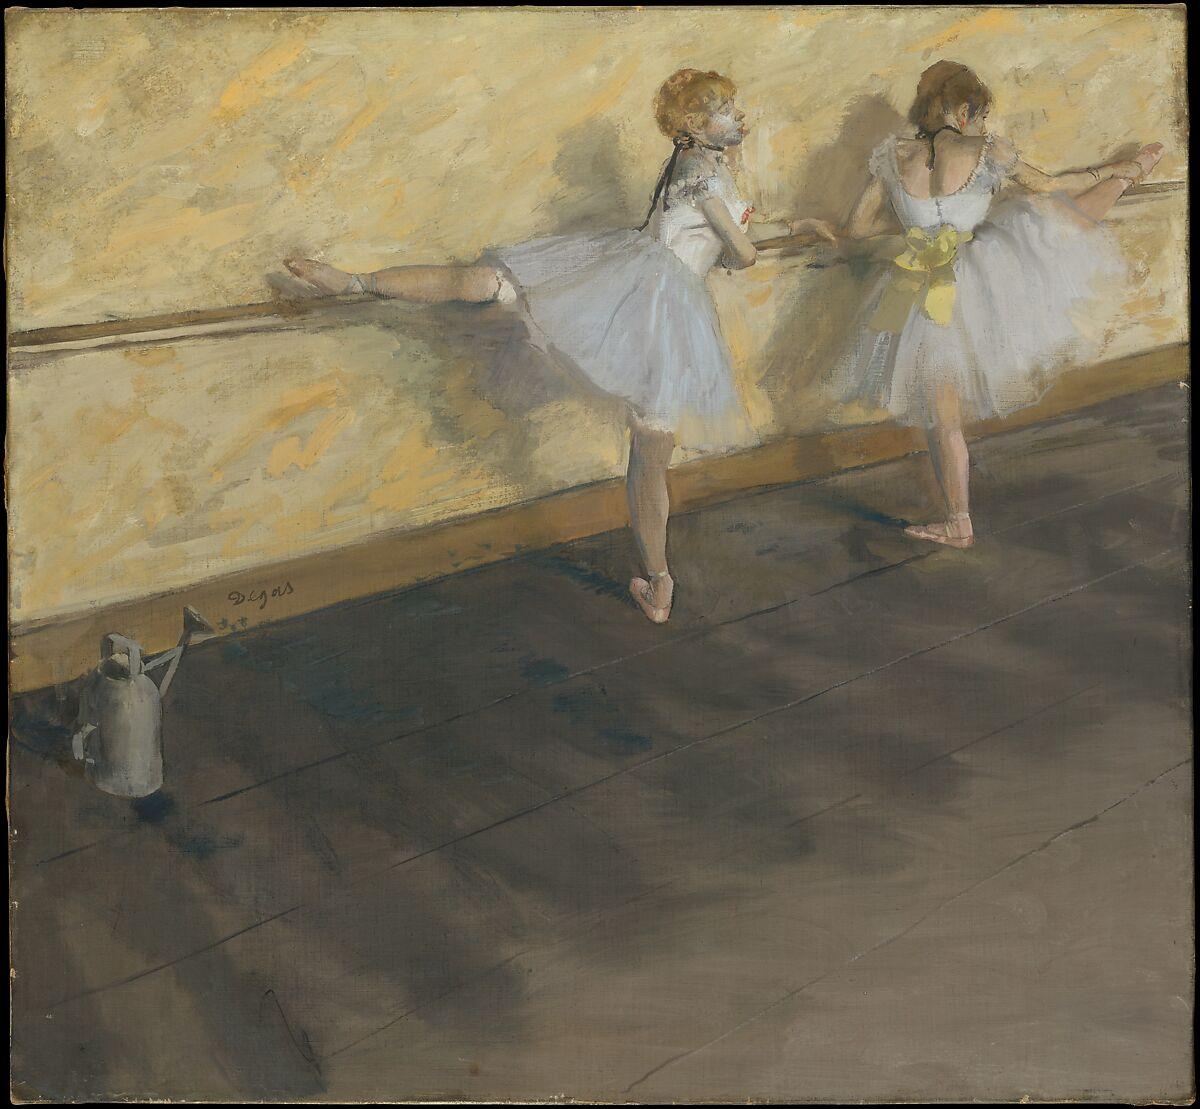 バレで練習するダンサー、エドガードガ(フランス、パリ1834〜1917年パリ)、キャンバス上のミクストメディア